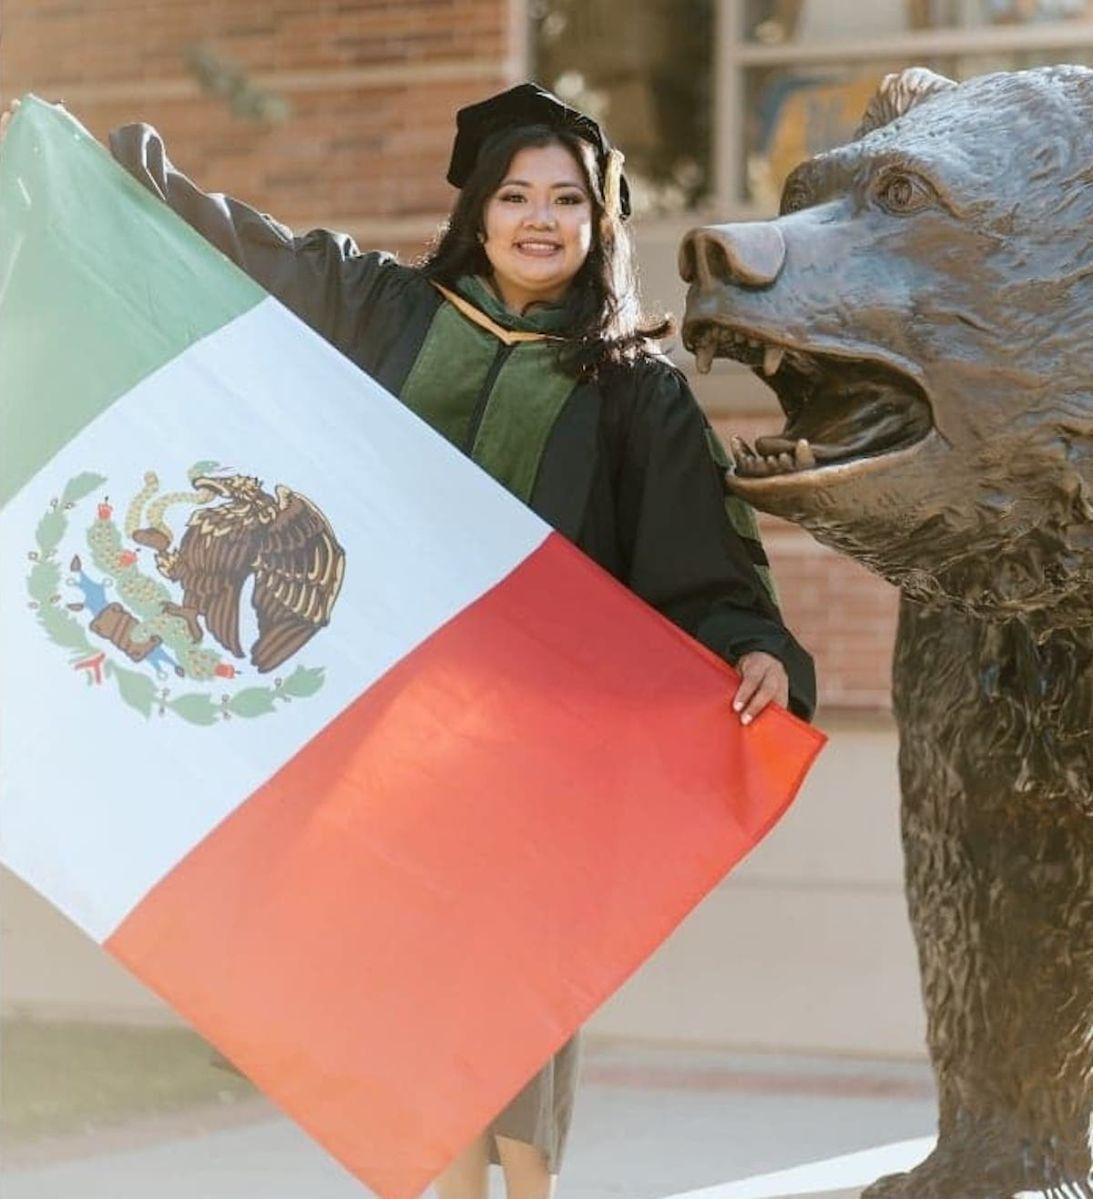 Hija de inmigrantes mexicanos cumple su sueño y se gradúa como médico